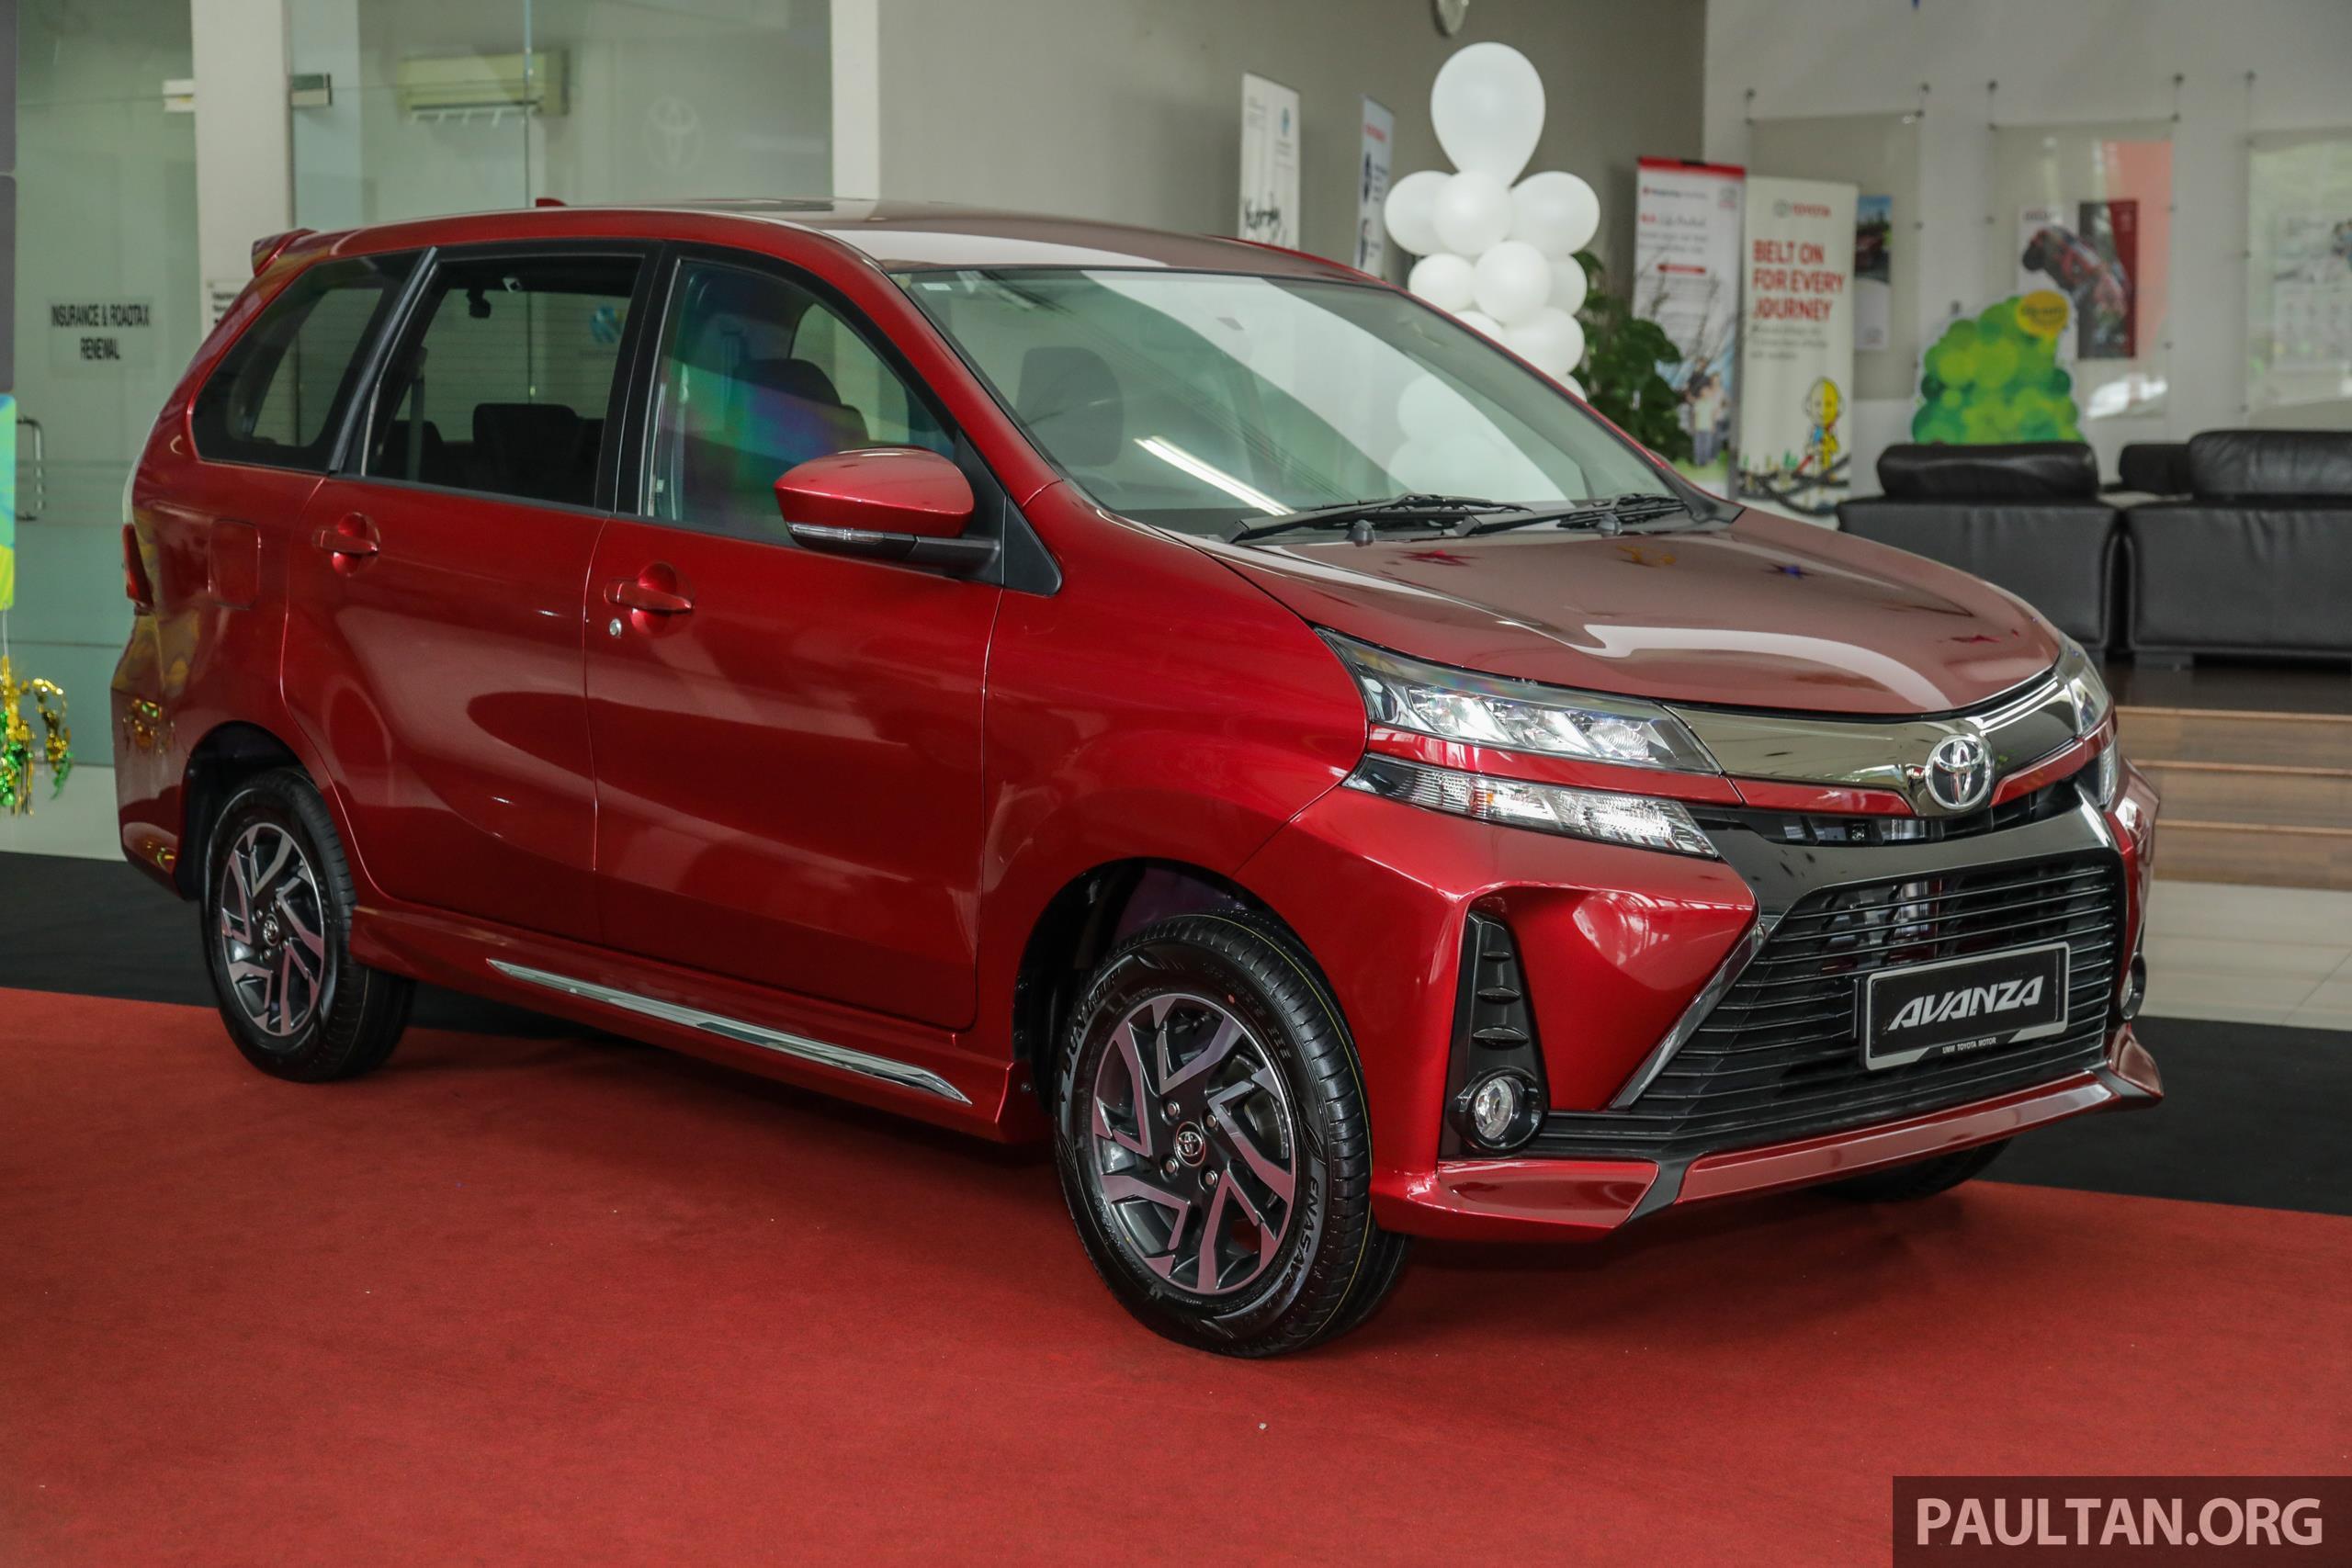 'Xe cỏ' Toyota Avanza 2019 thay đổi thiết kế, có thêm cảnh báo điểm mù Ảnh 1